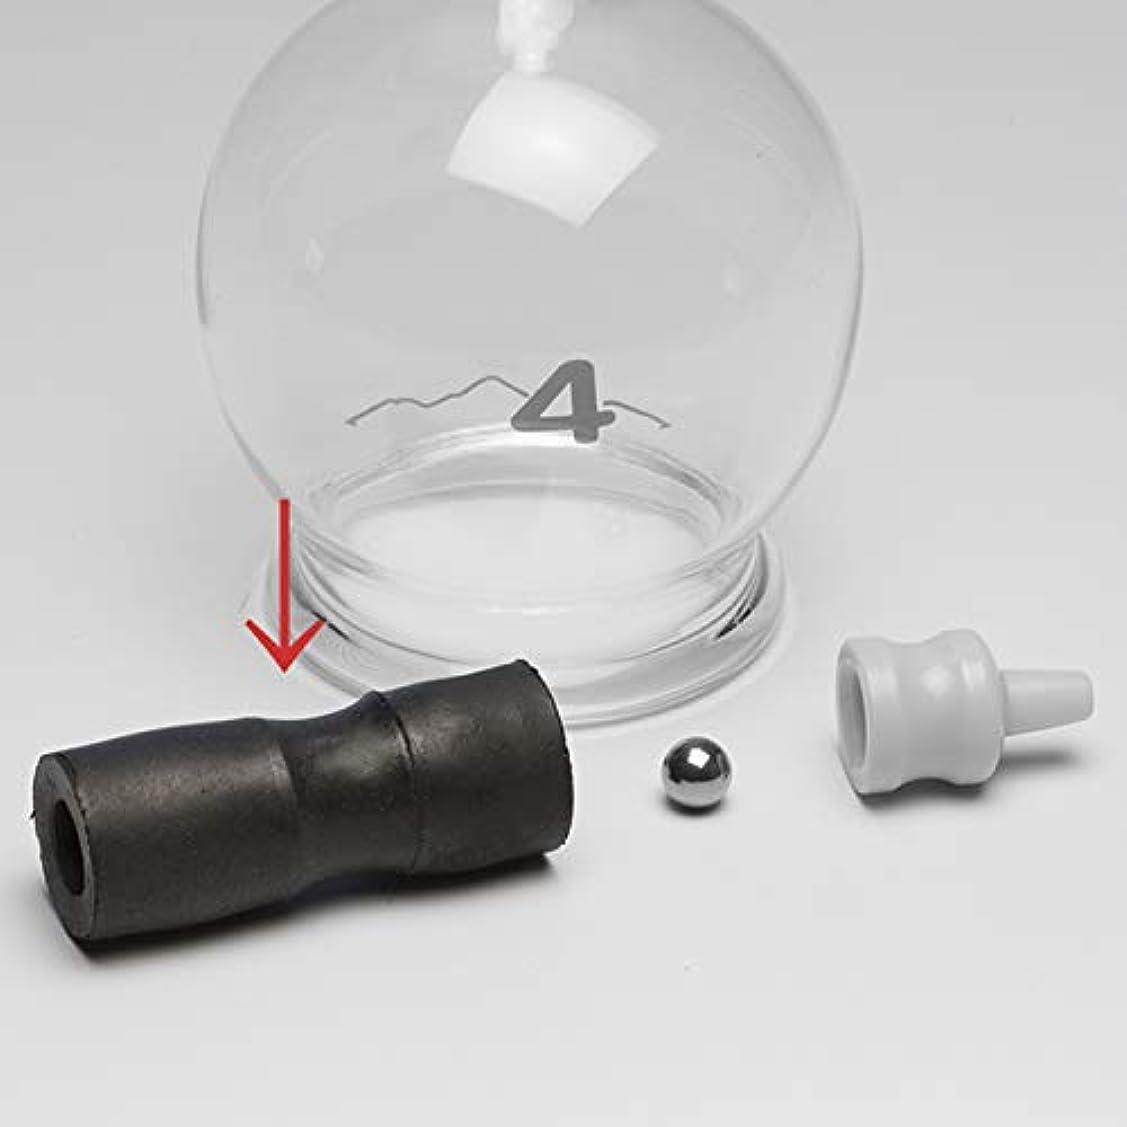 遺産告発者週末霧島ガラス玉(電動吸い玉機器用吸着具)用黒ゴム弁(ゴムのみ)|吸灸